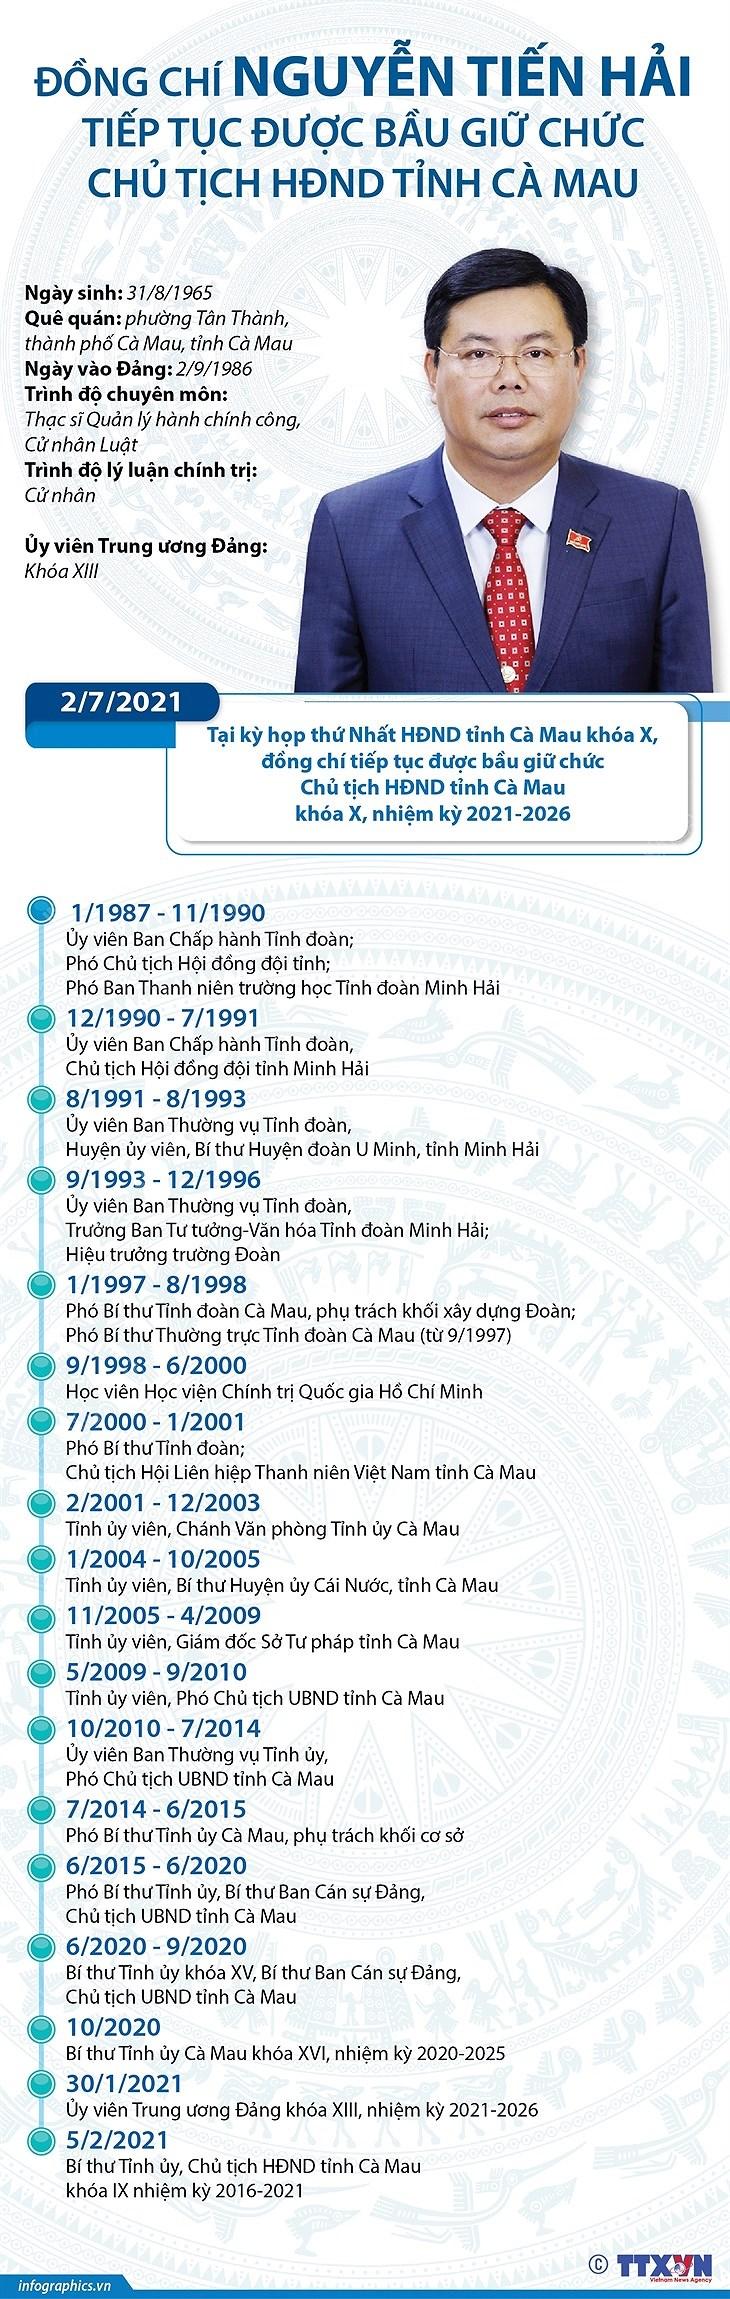 [Infographics] Ong Nguyen Tien Hai tai cu Chu tich HDND tinh Ca Mau hinh anh 1